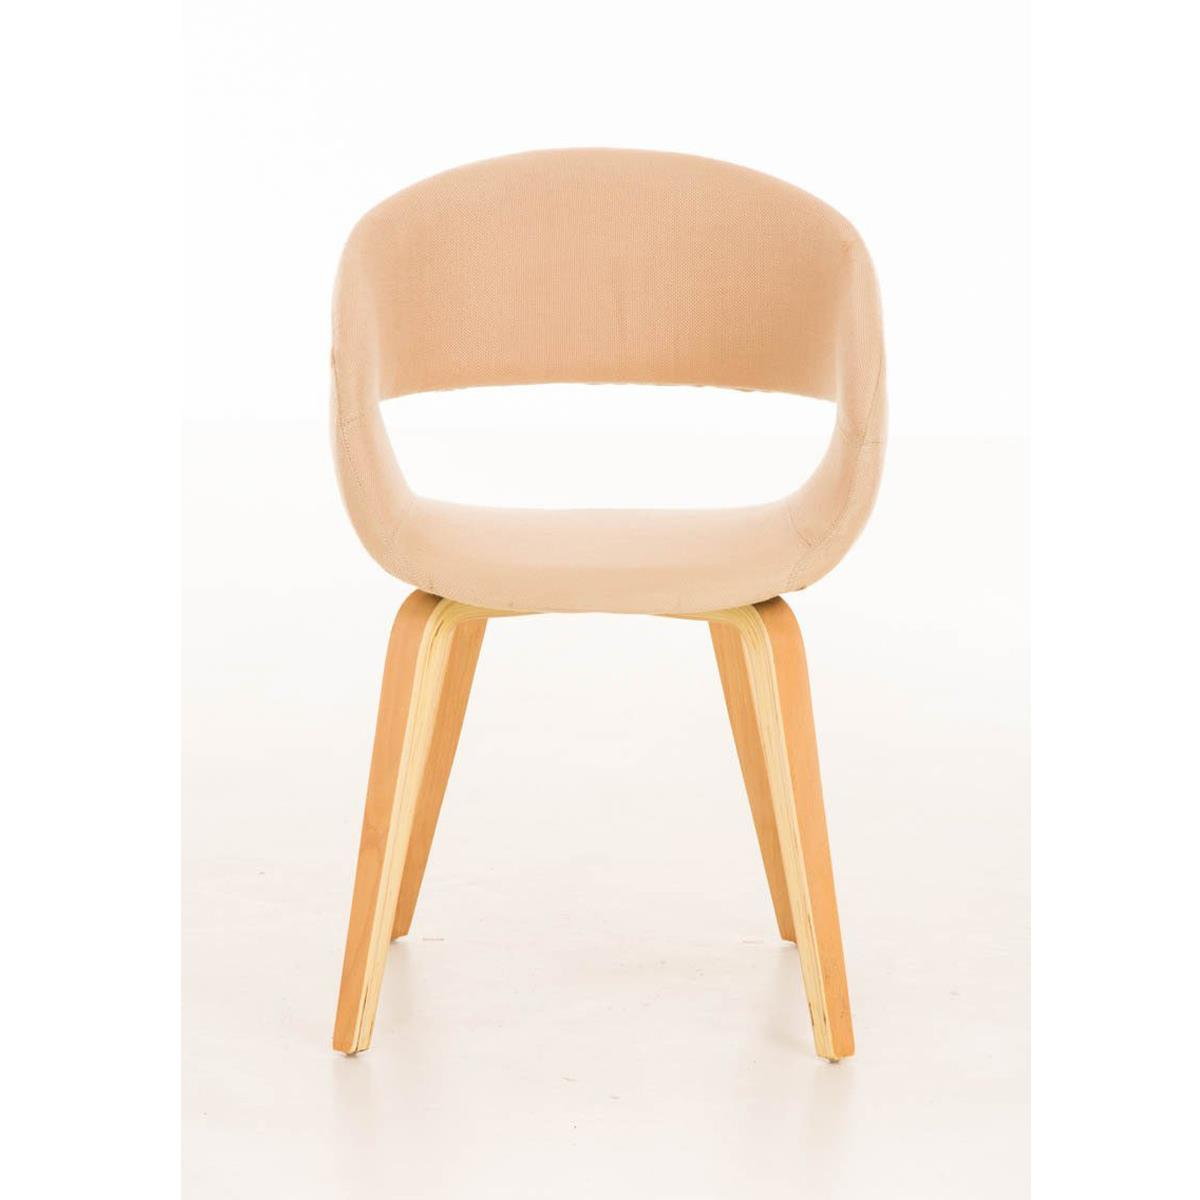 Silla de comedor gregory tapizada en tela color crema - Tela para sillas de comedor ...